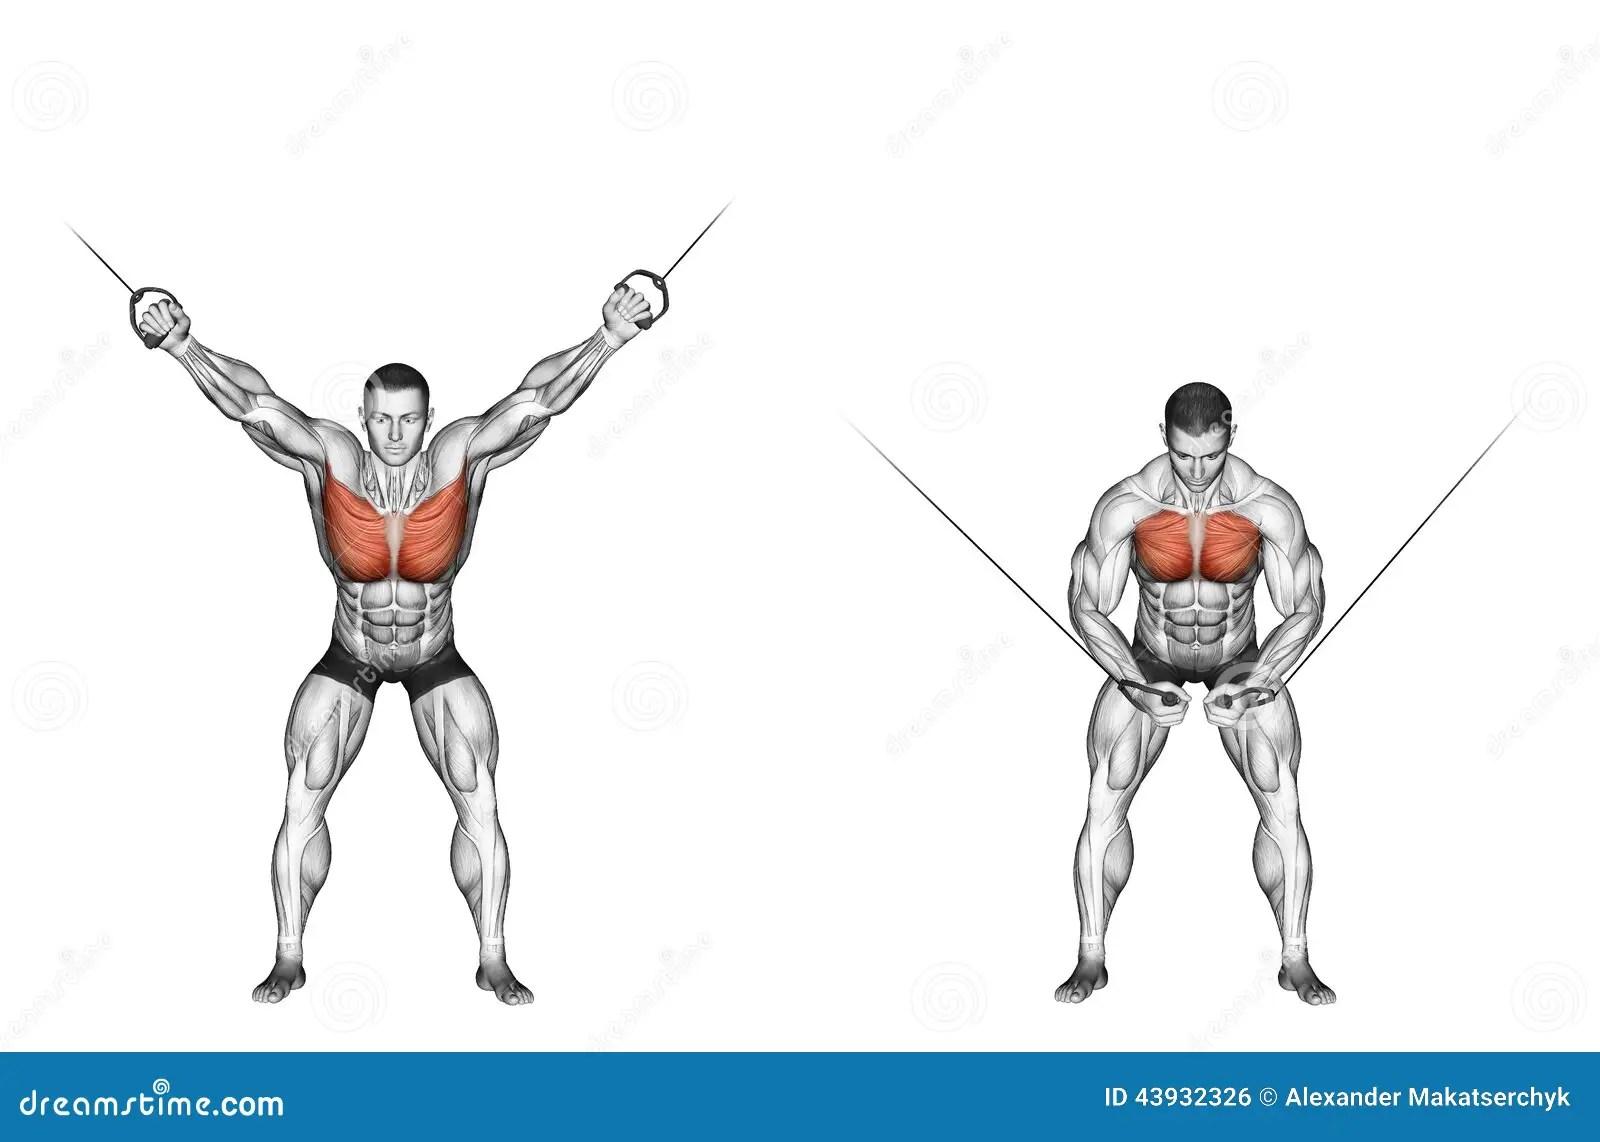 Exercising La Reduccion De La Parte Superior Bloquea La